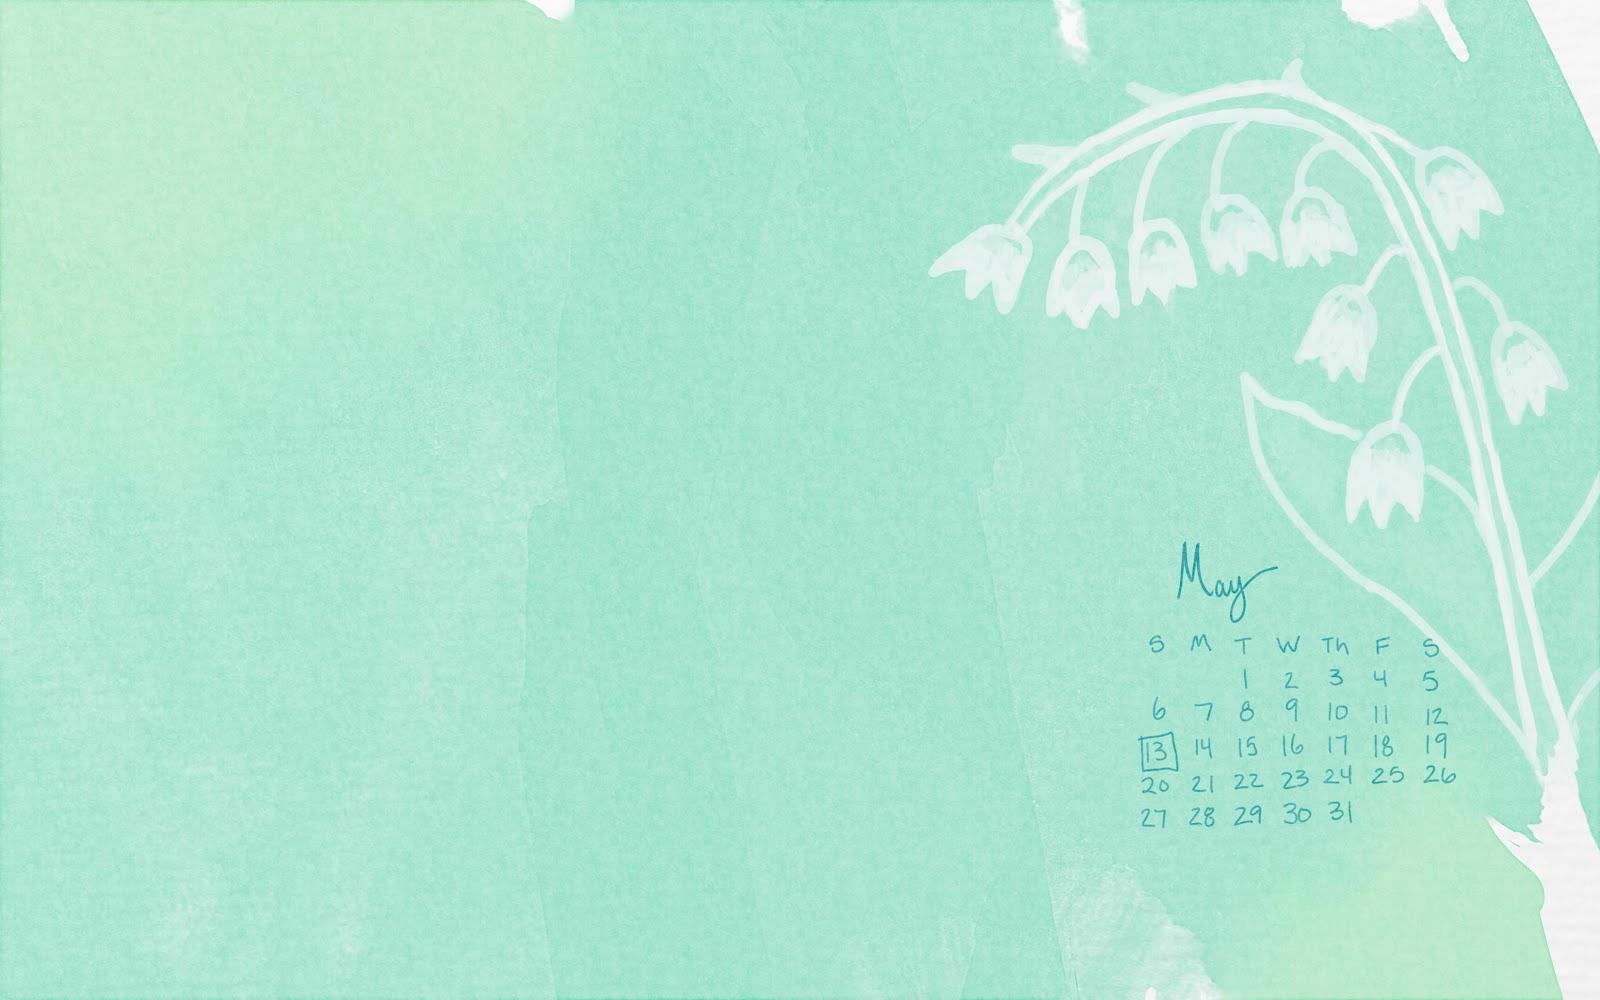 Calendar Background Images : Paper harbor may calendar background